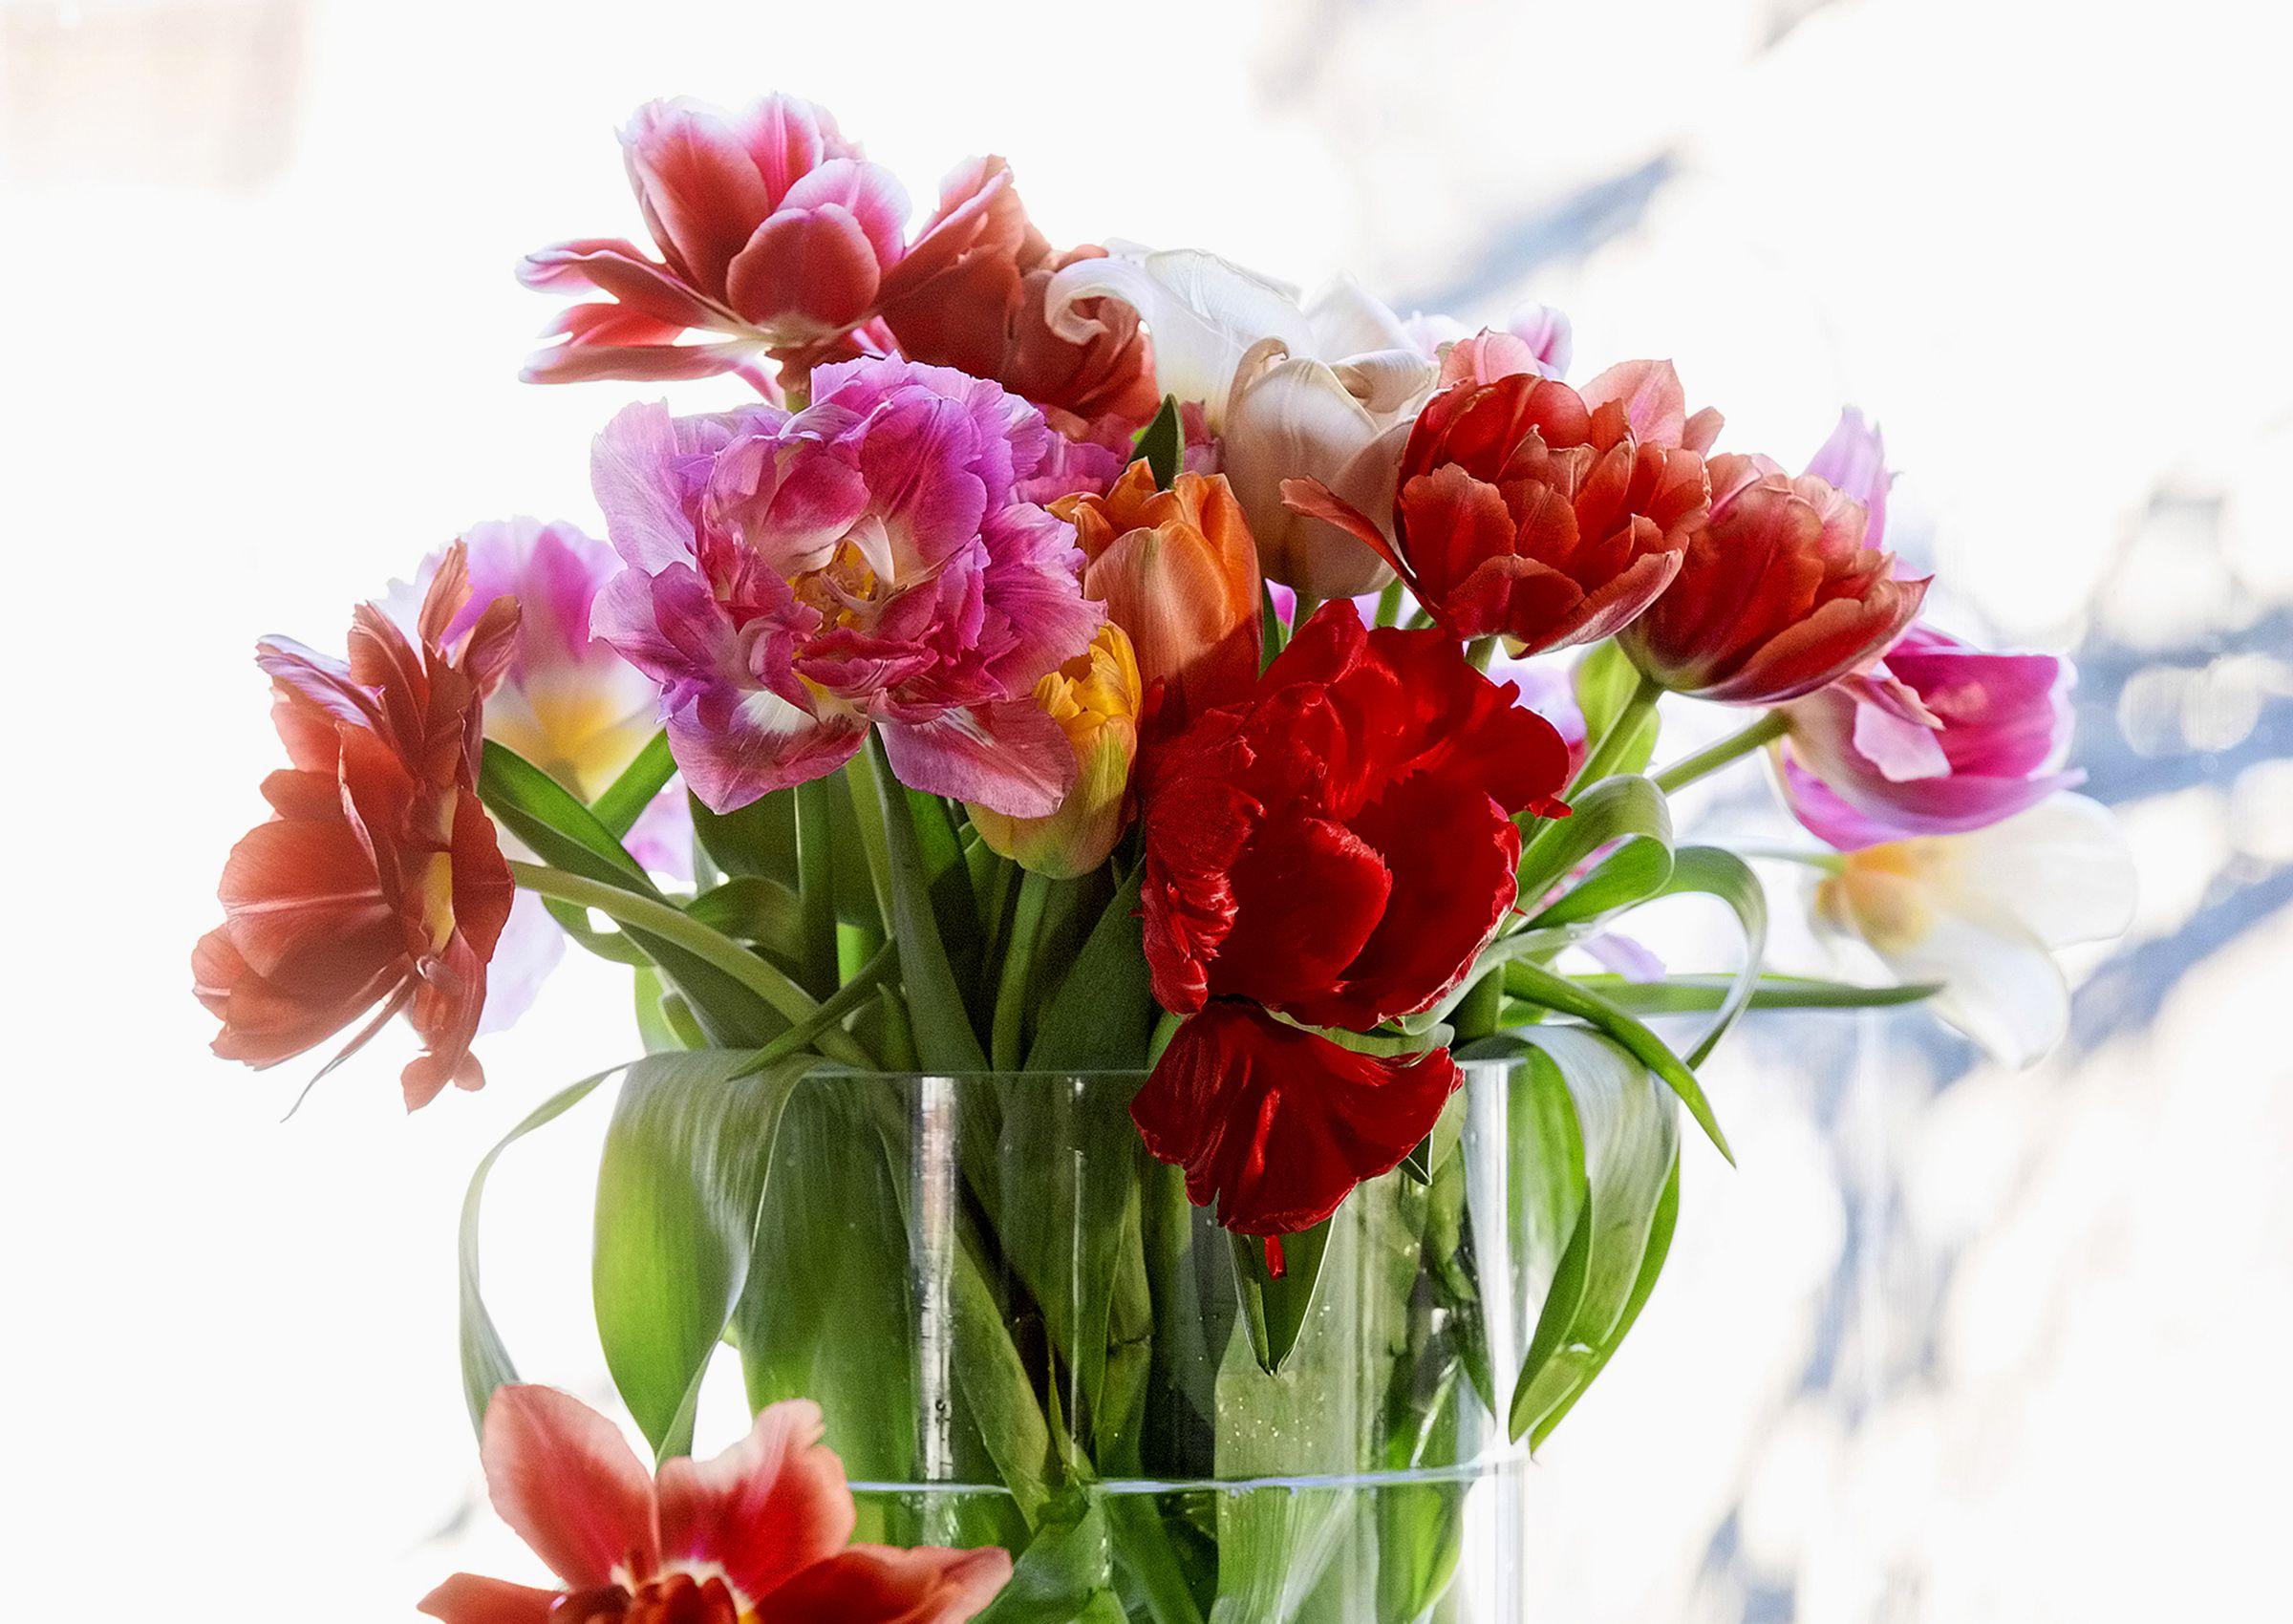 Tulppaanit kuuluvat keväiseen maljakkoon. Viherpihan hoito-ohjeilla saat ne kestämään!